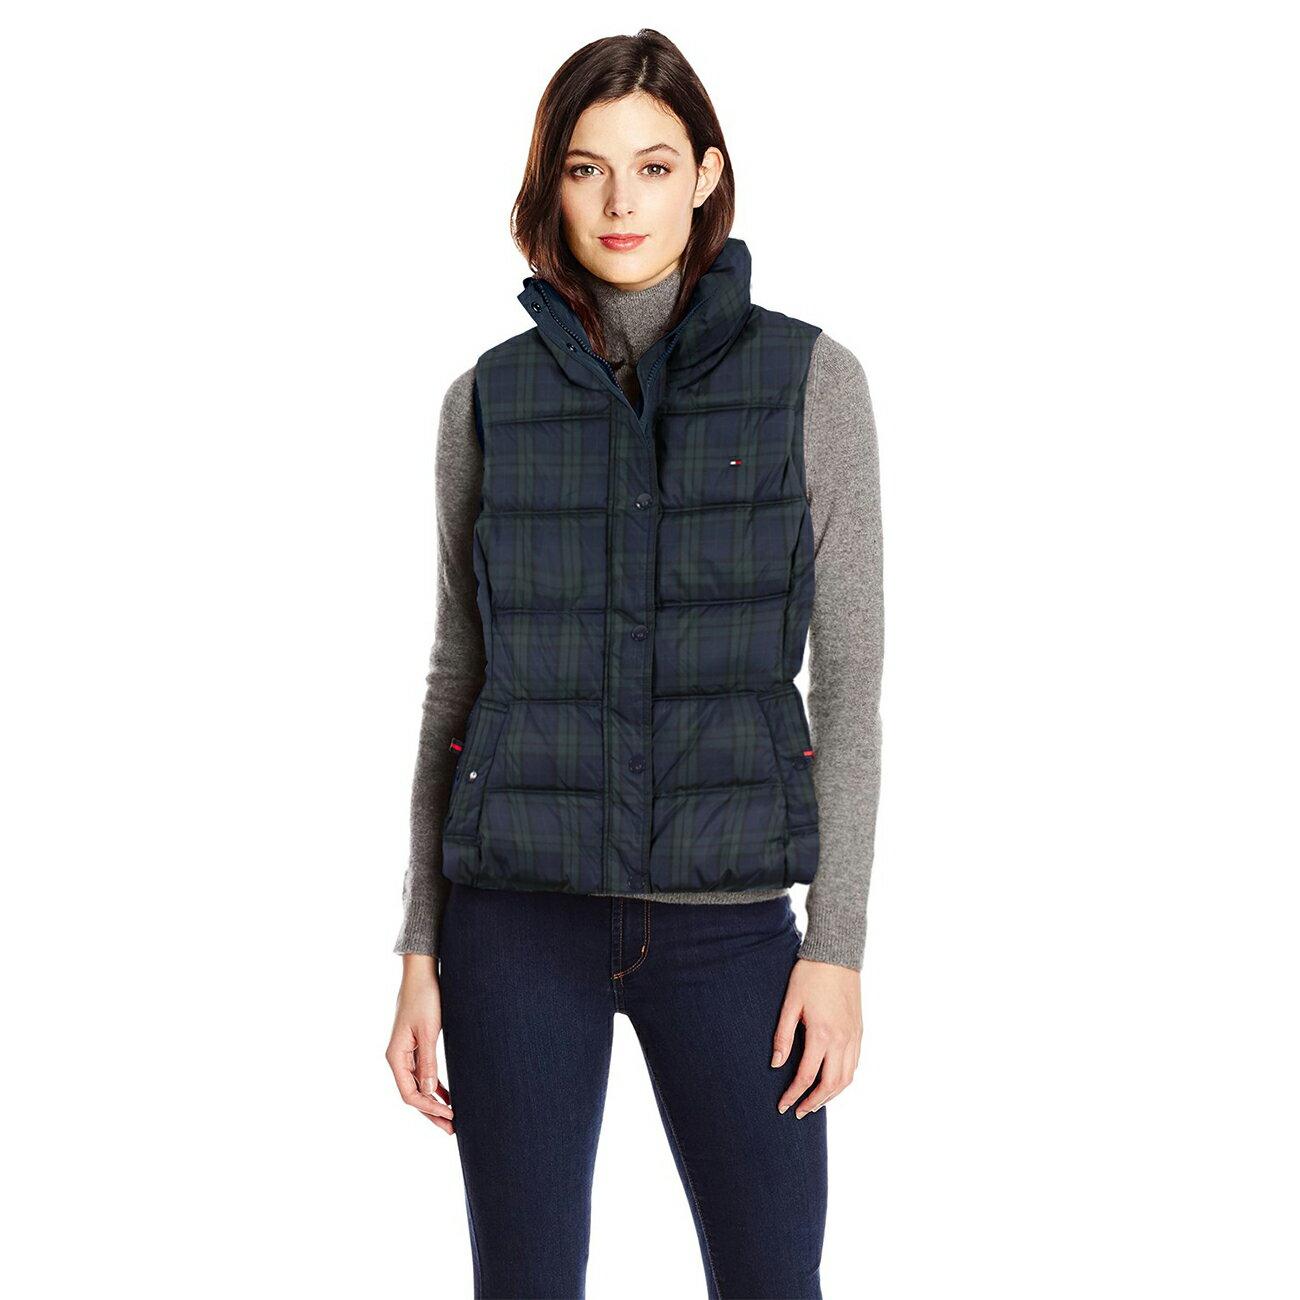 美國百分百【Tommy Hilfiger】背心 TH 外套 中空纖維 保暖 格紋 深藍 深綠 S M號 女 F760